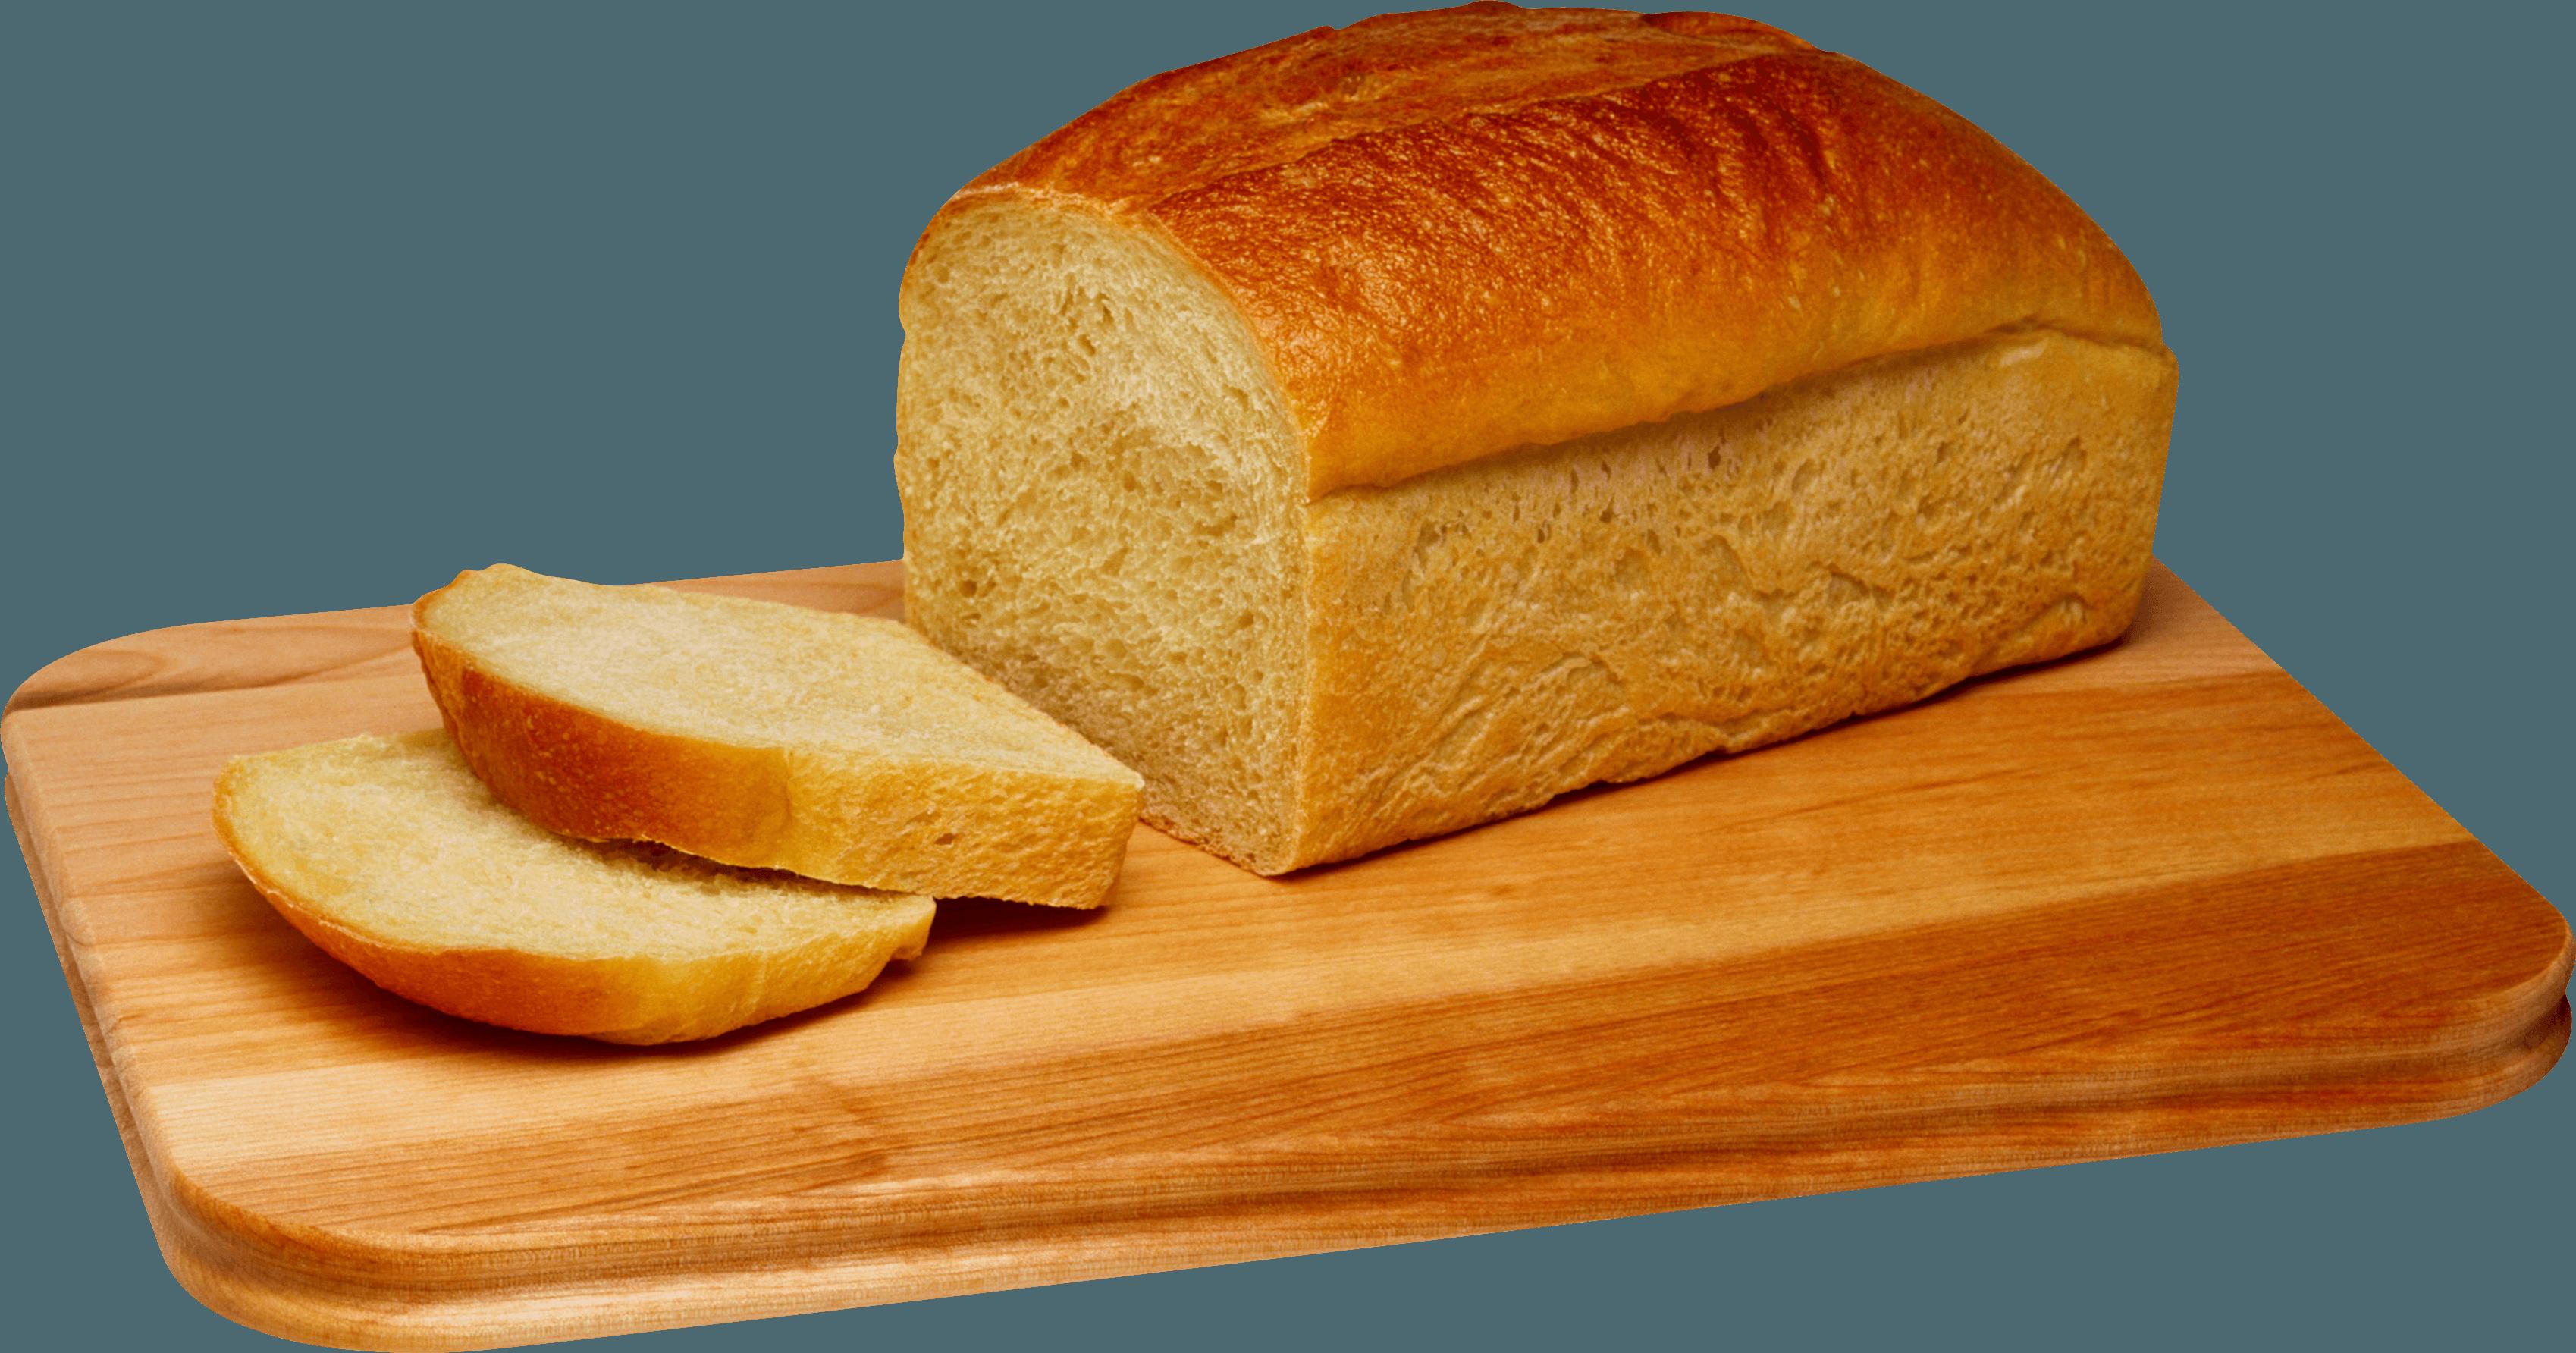 Bread Loaf Png. Download Image Hq Freepn #55083.